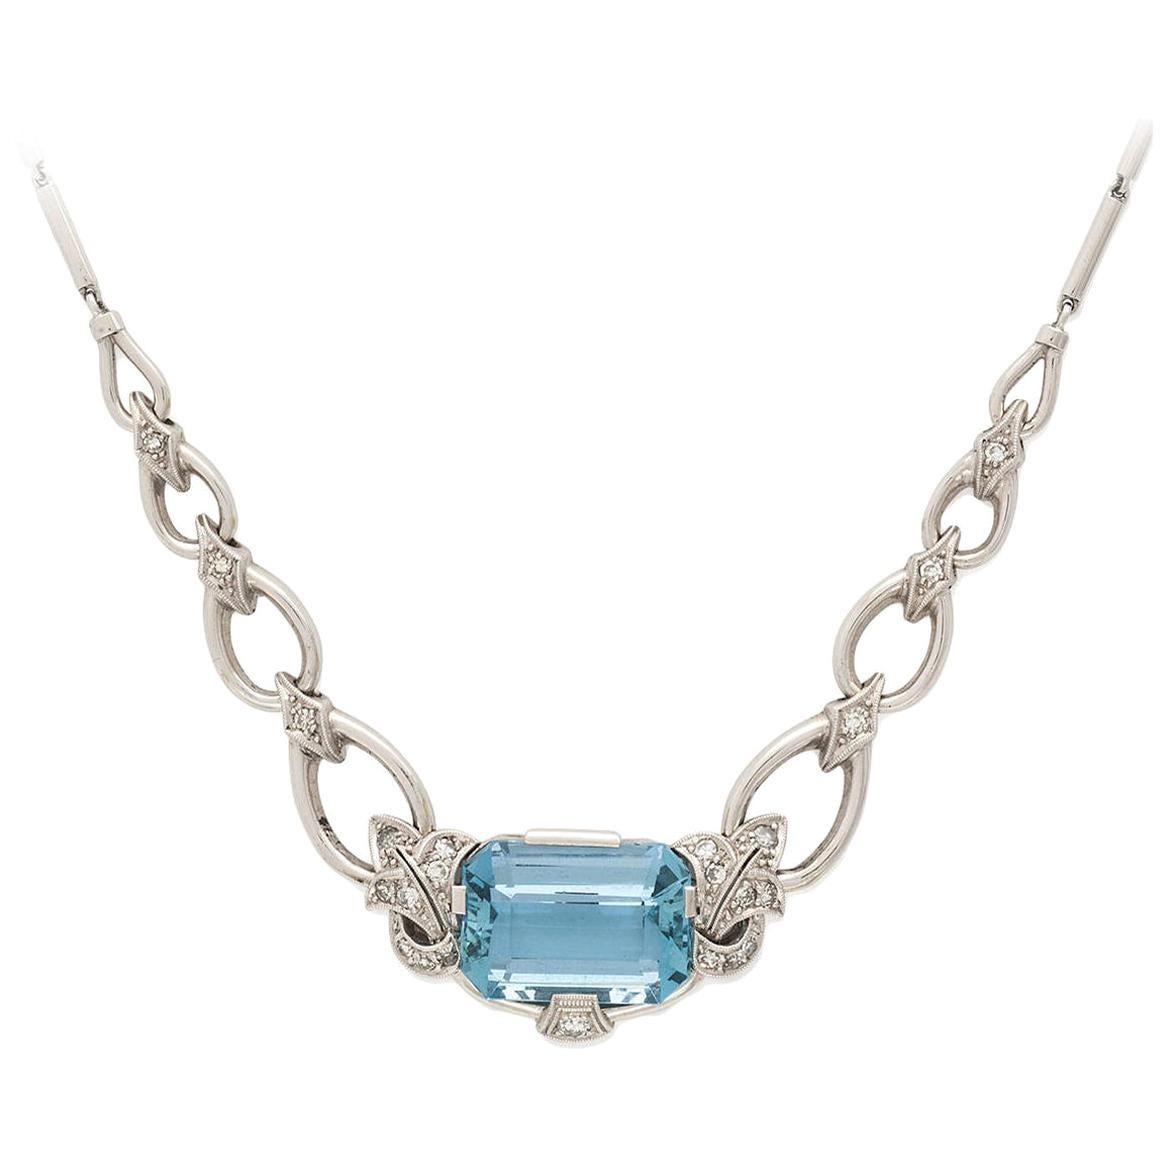 Retro 1960s Aquamarine Diamond 18 Karat Gold Necklace